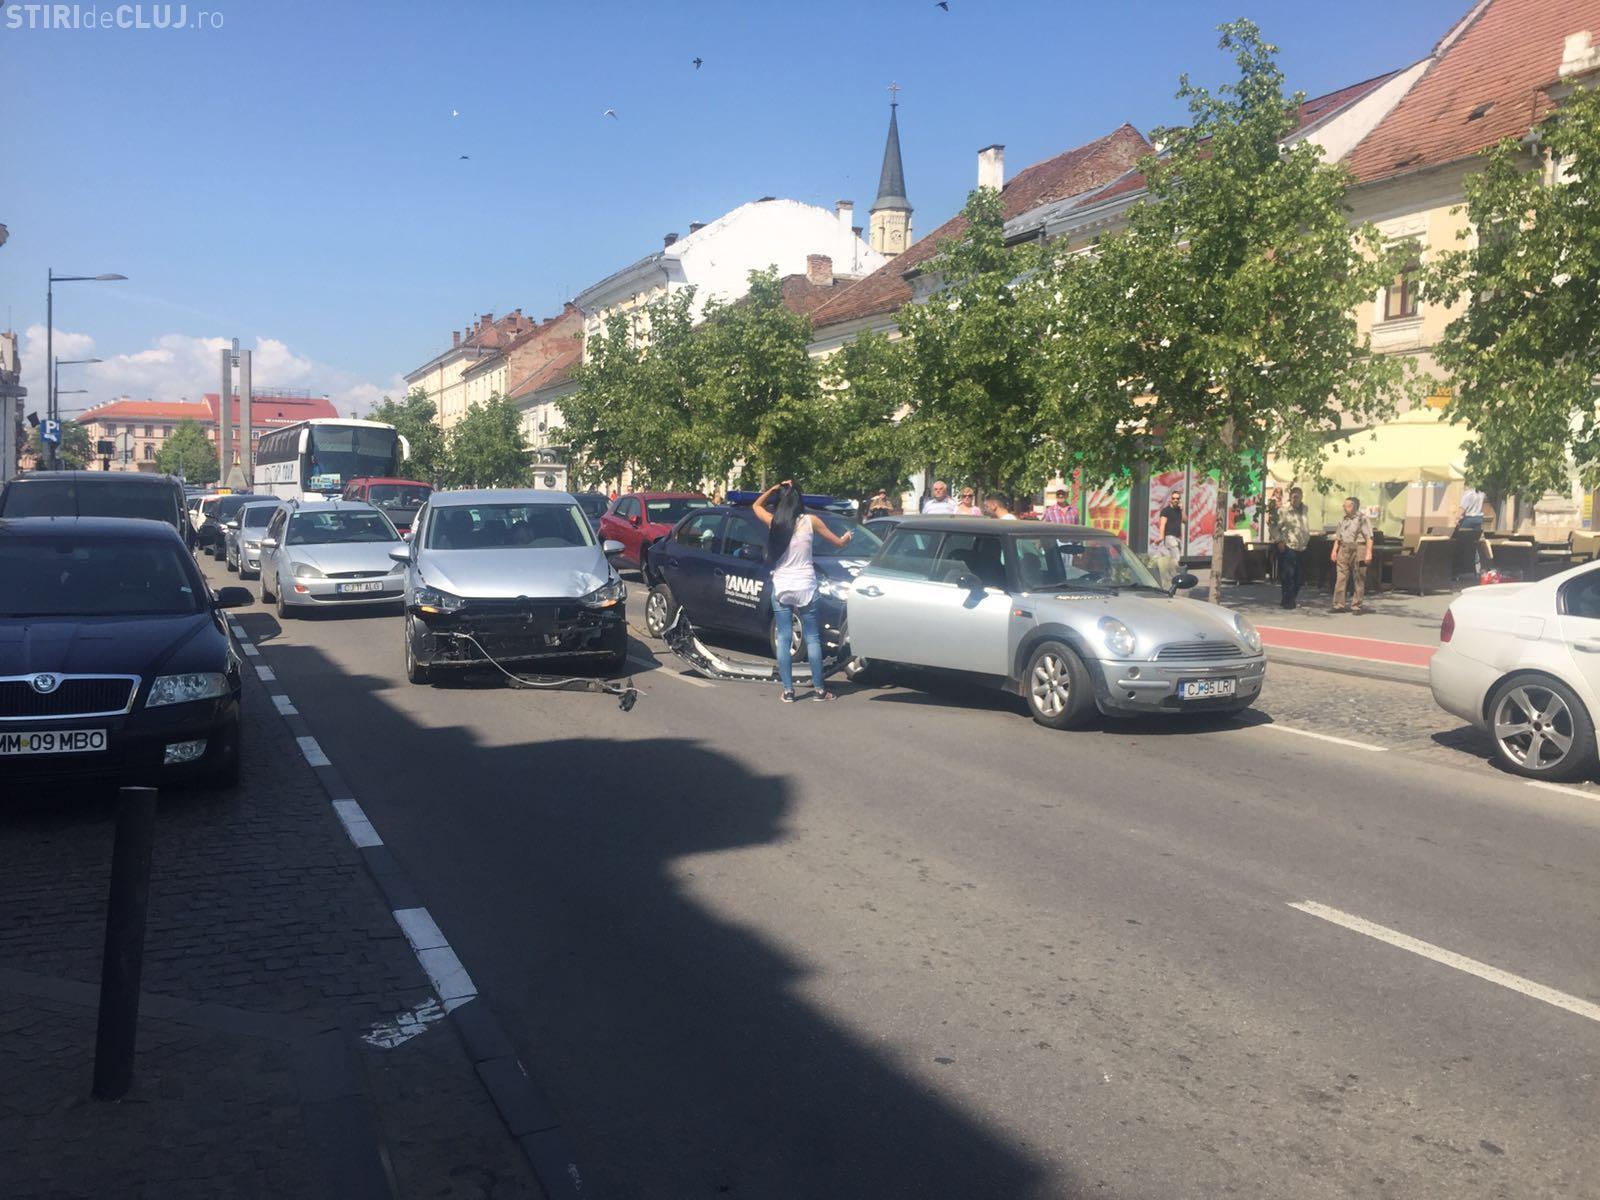 Accident pe Bulevardul Eroilor, în centrul Clujului! ANAF -ul a lovit în PLIN - VIDEO